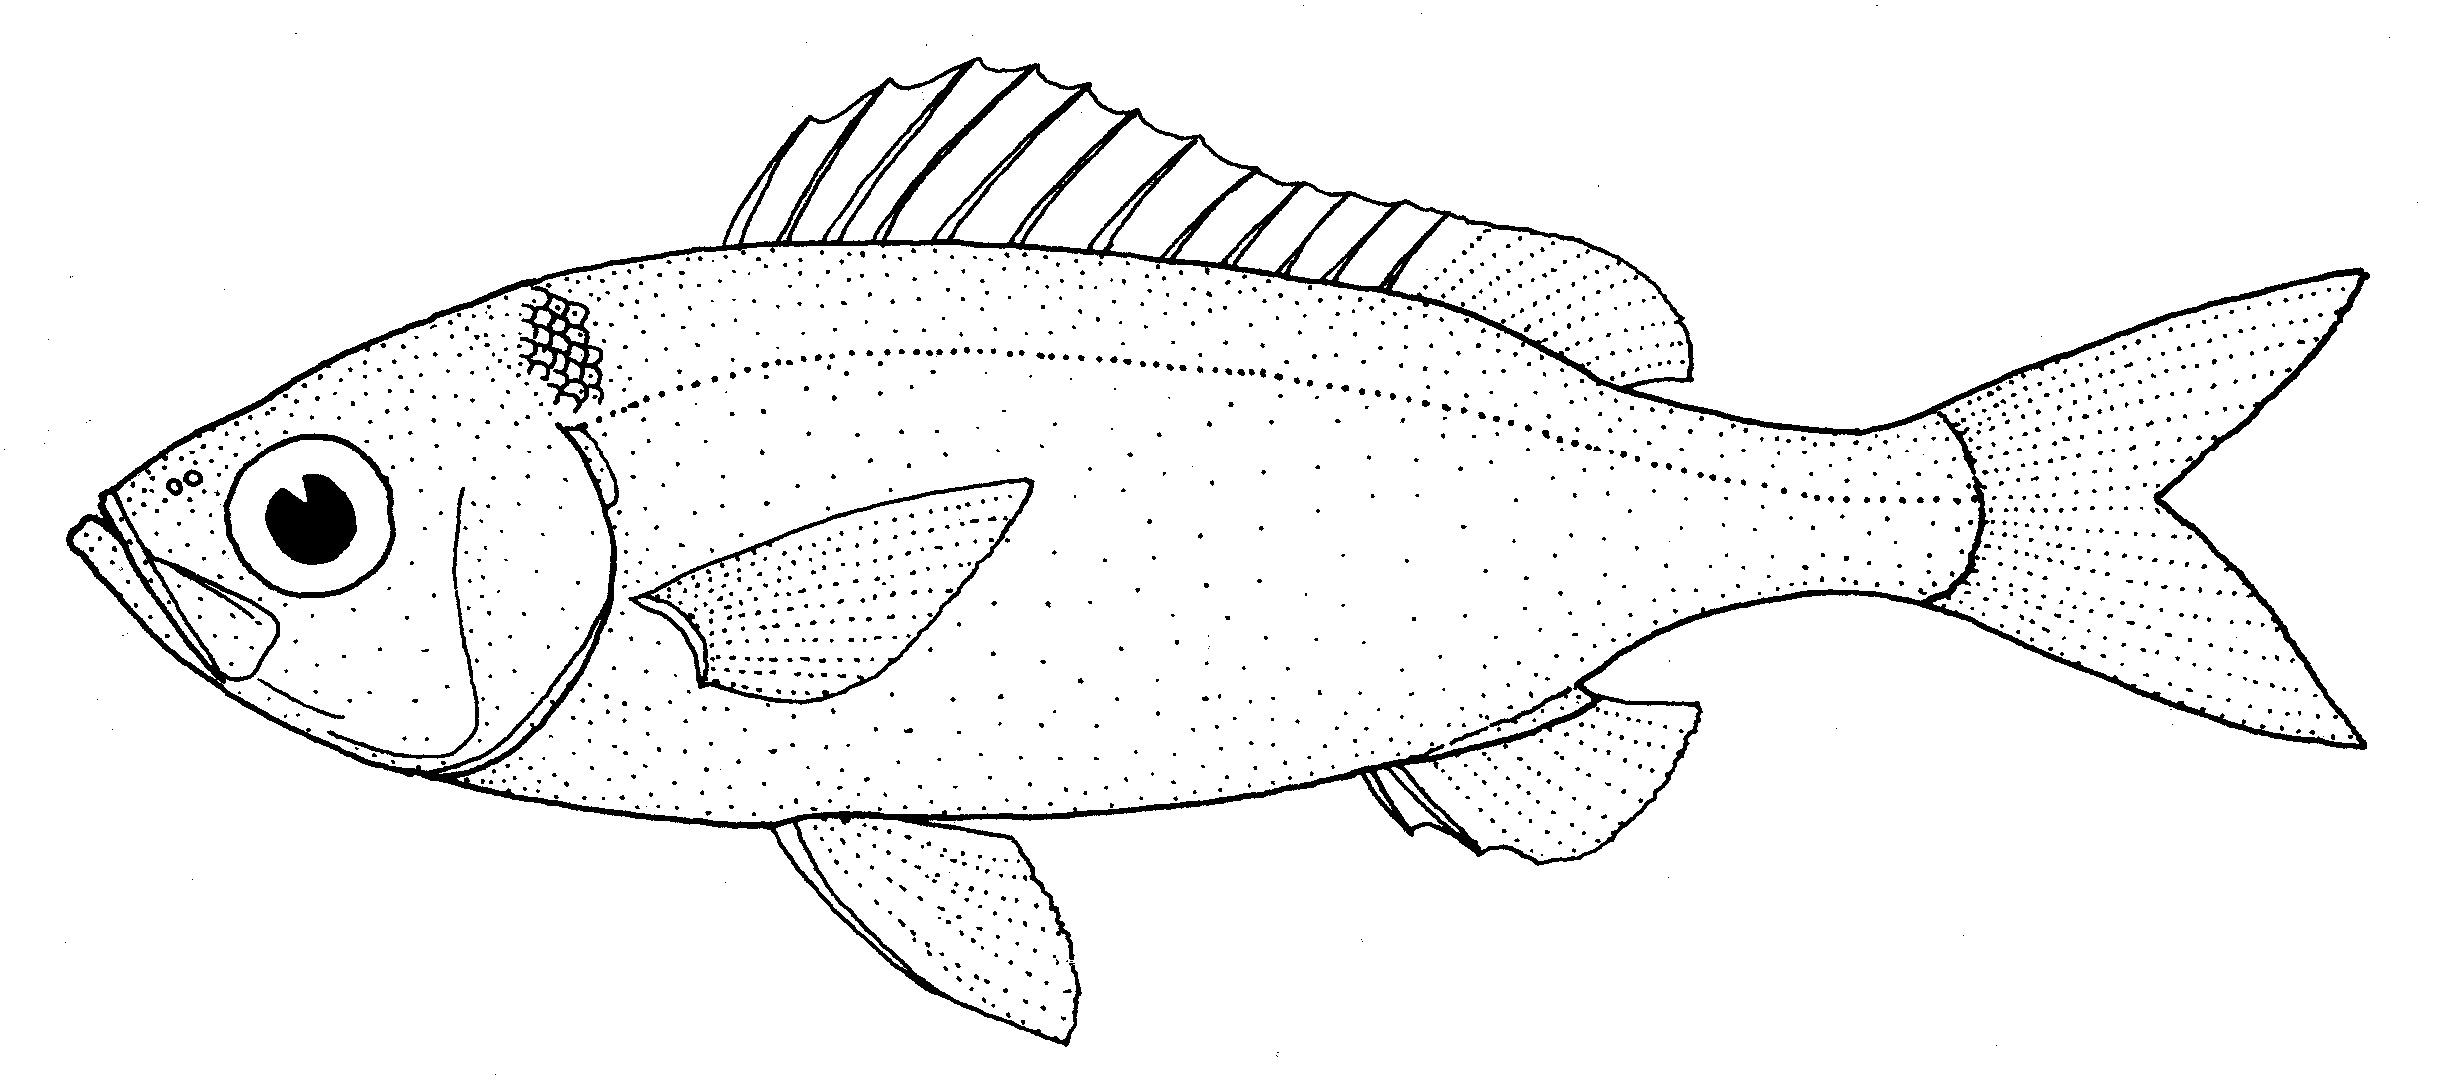 Image of Rubyfish